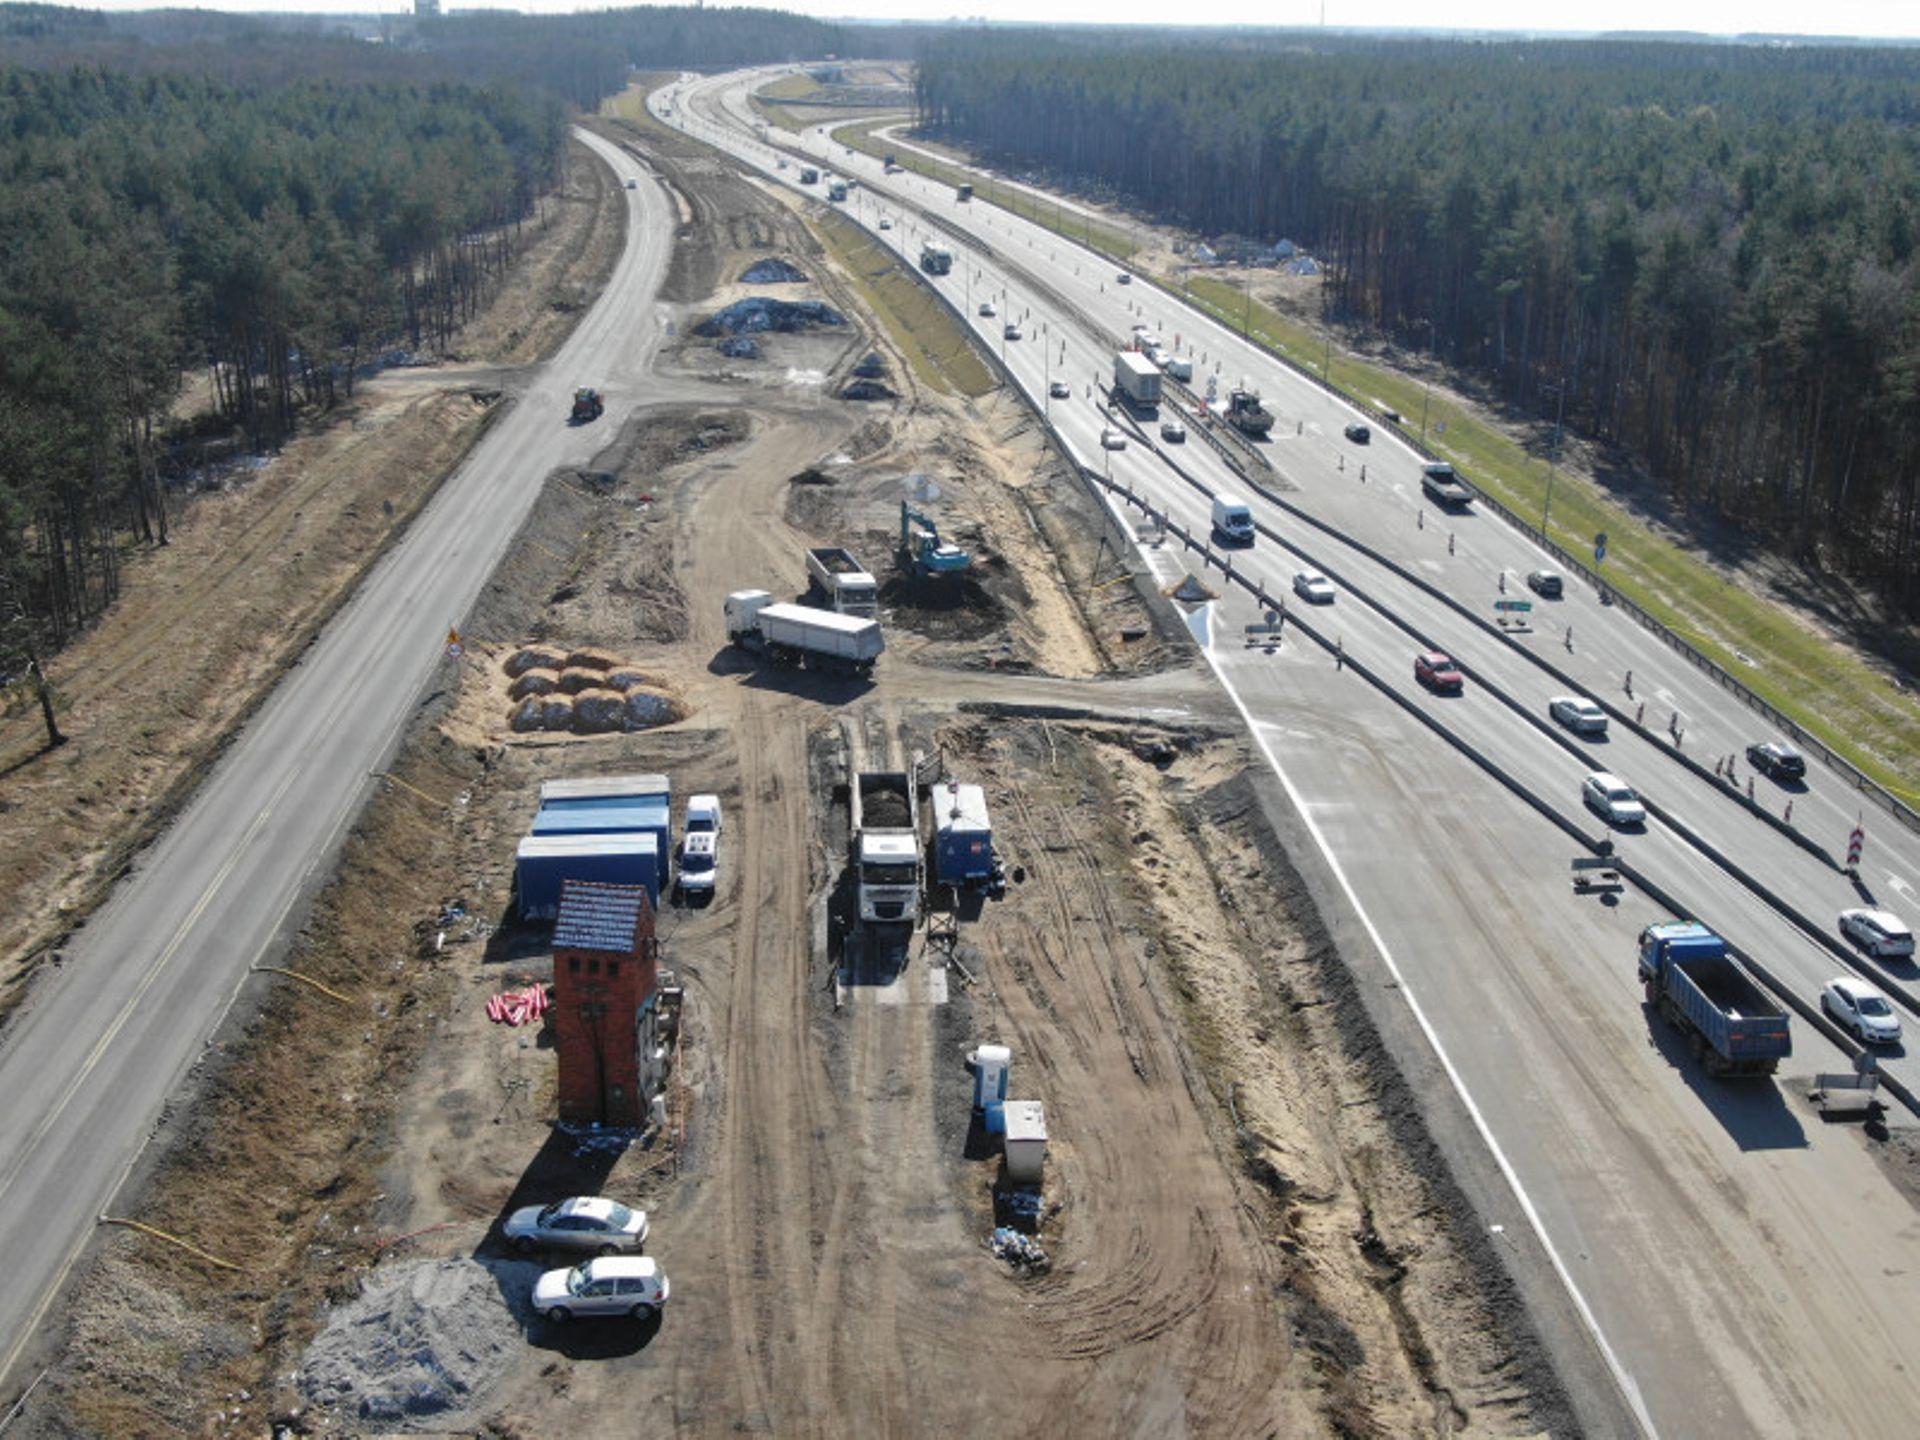 Pomiędzy Lubinem a Polkowicami powstaje brakujący odcinek trasy S3